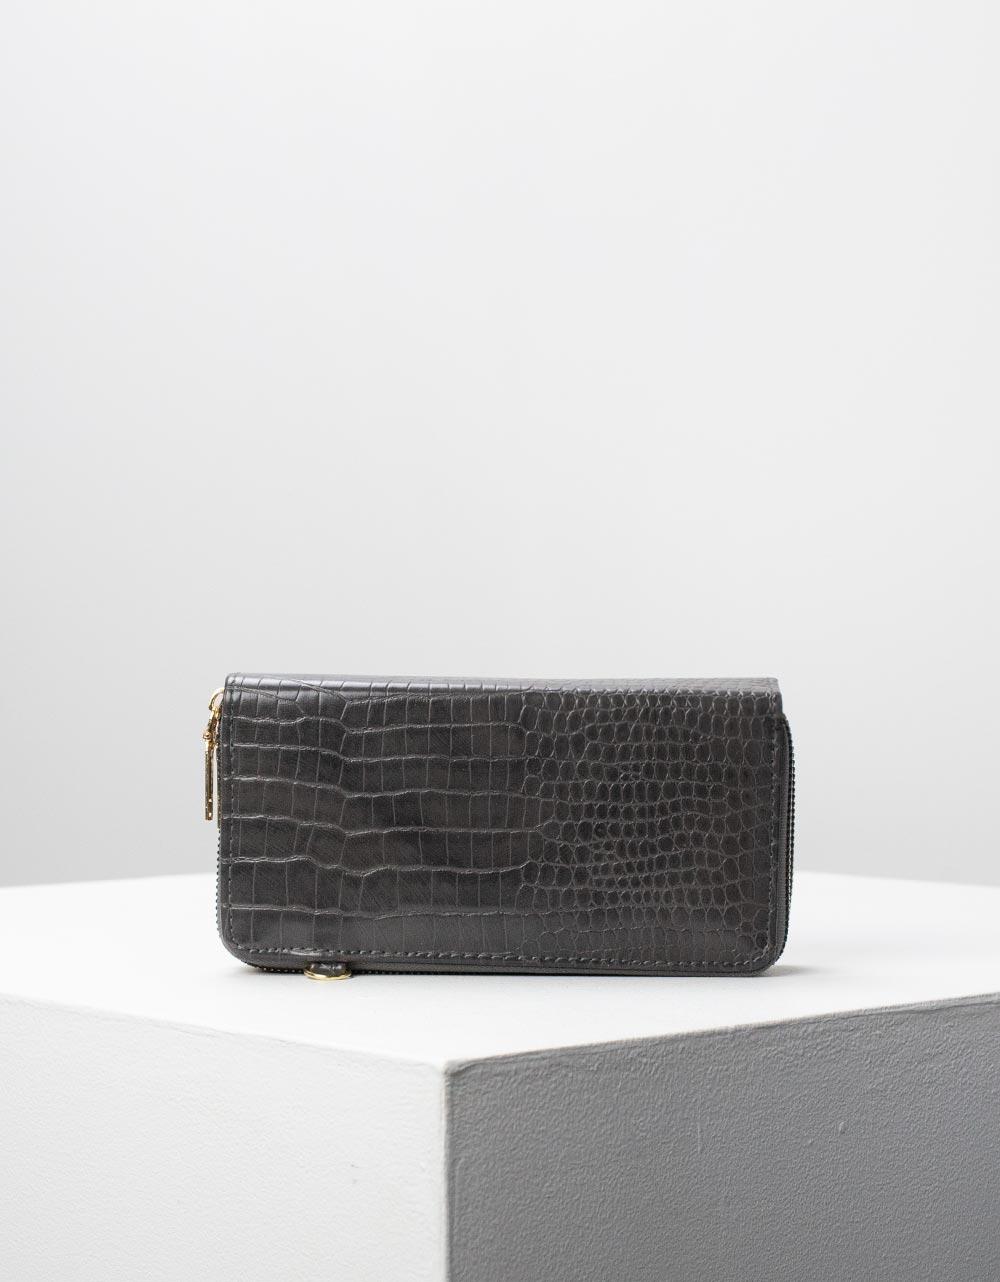 Εικόνα από Γυναικεία πορτοφόλια με κροκό σχέδιο Γκρι